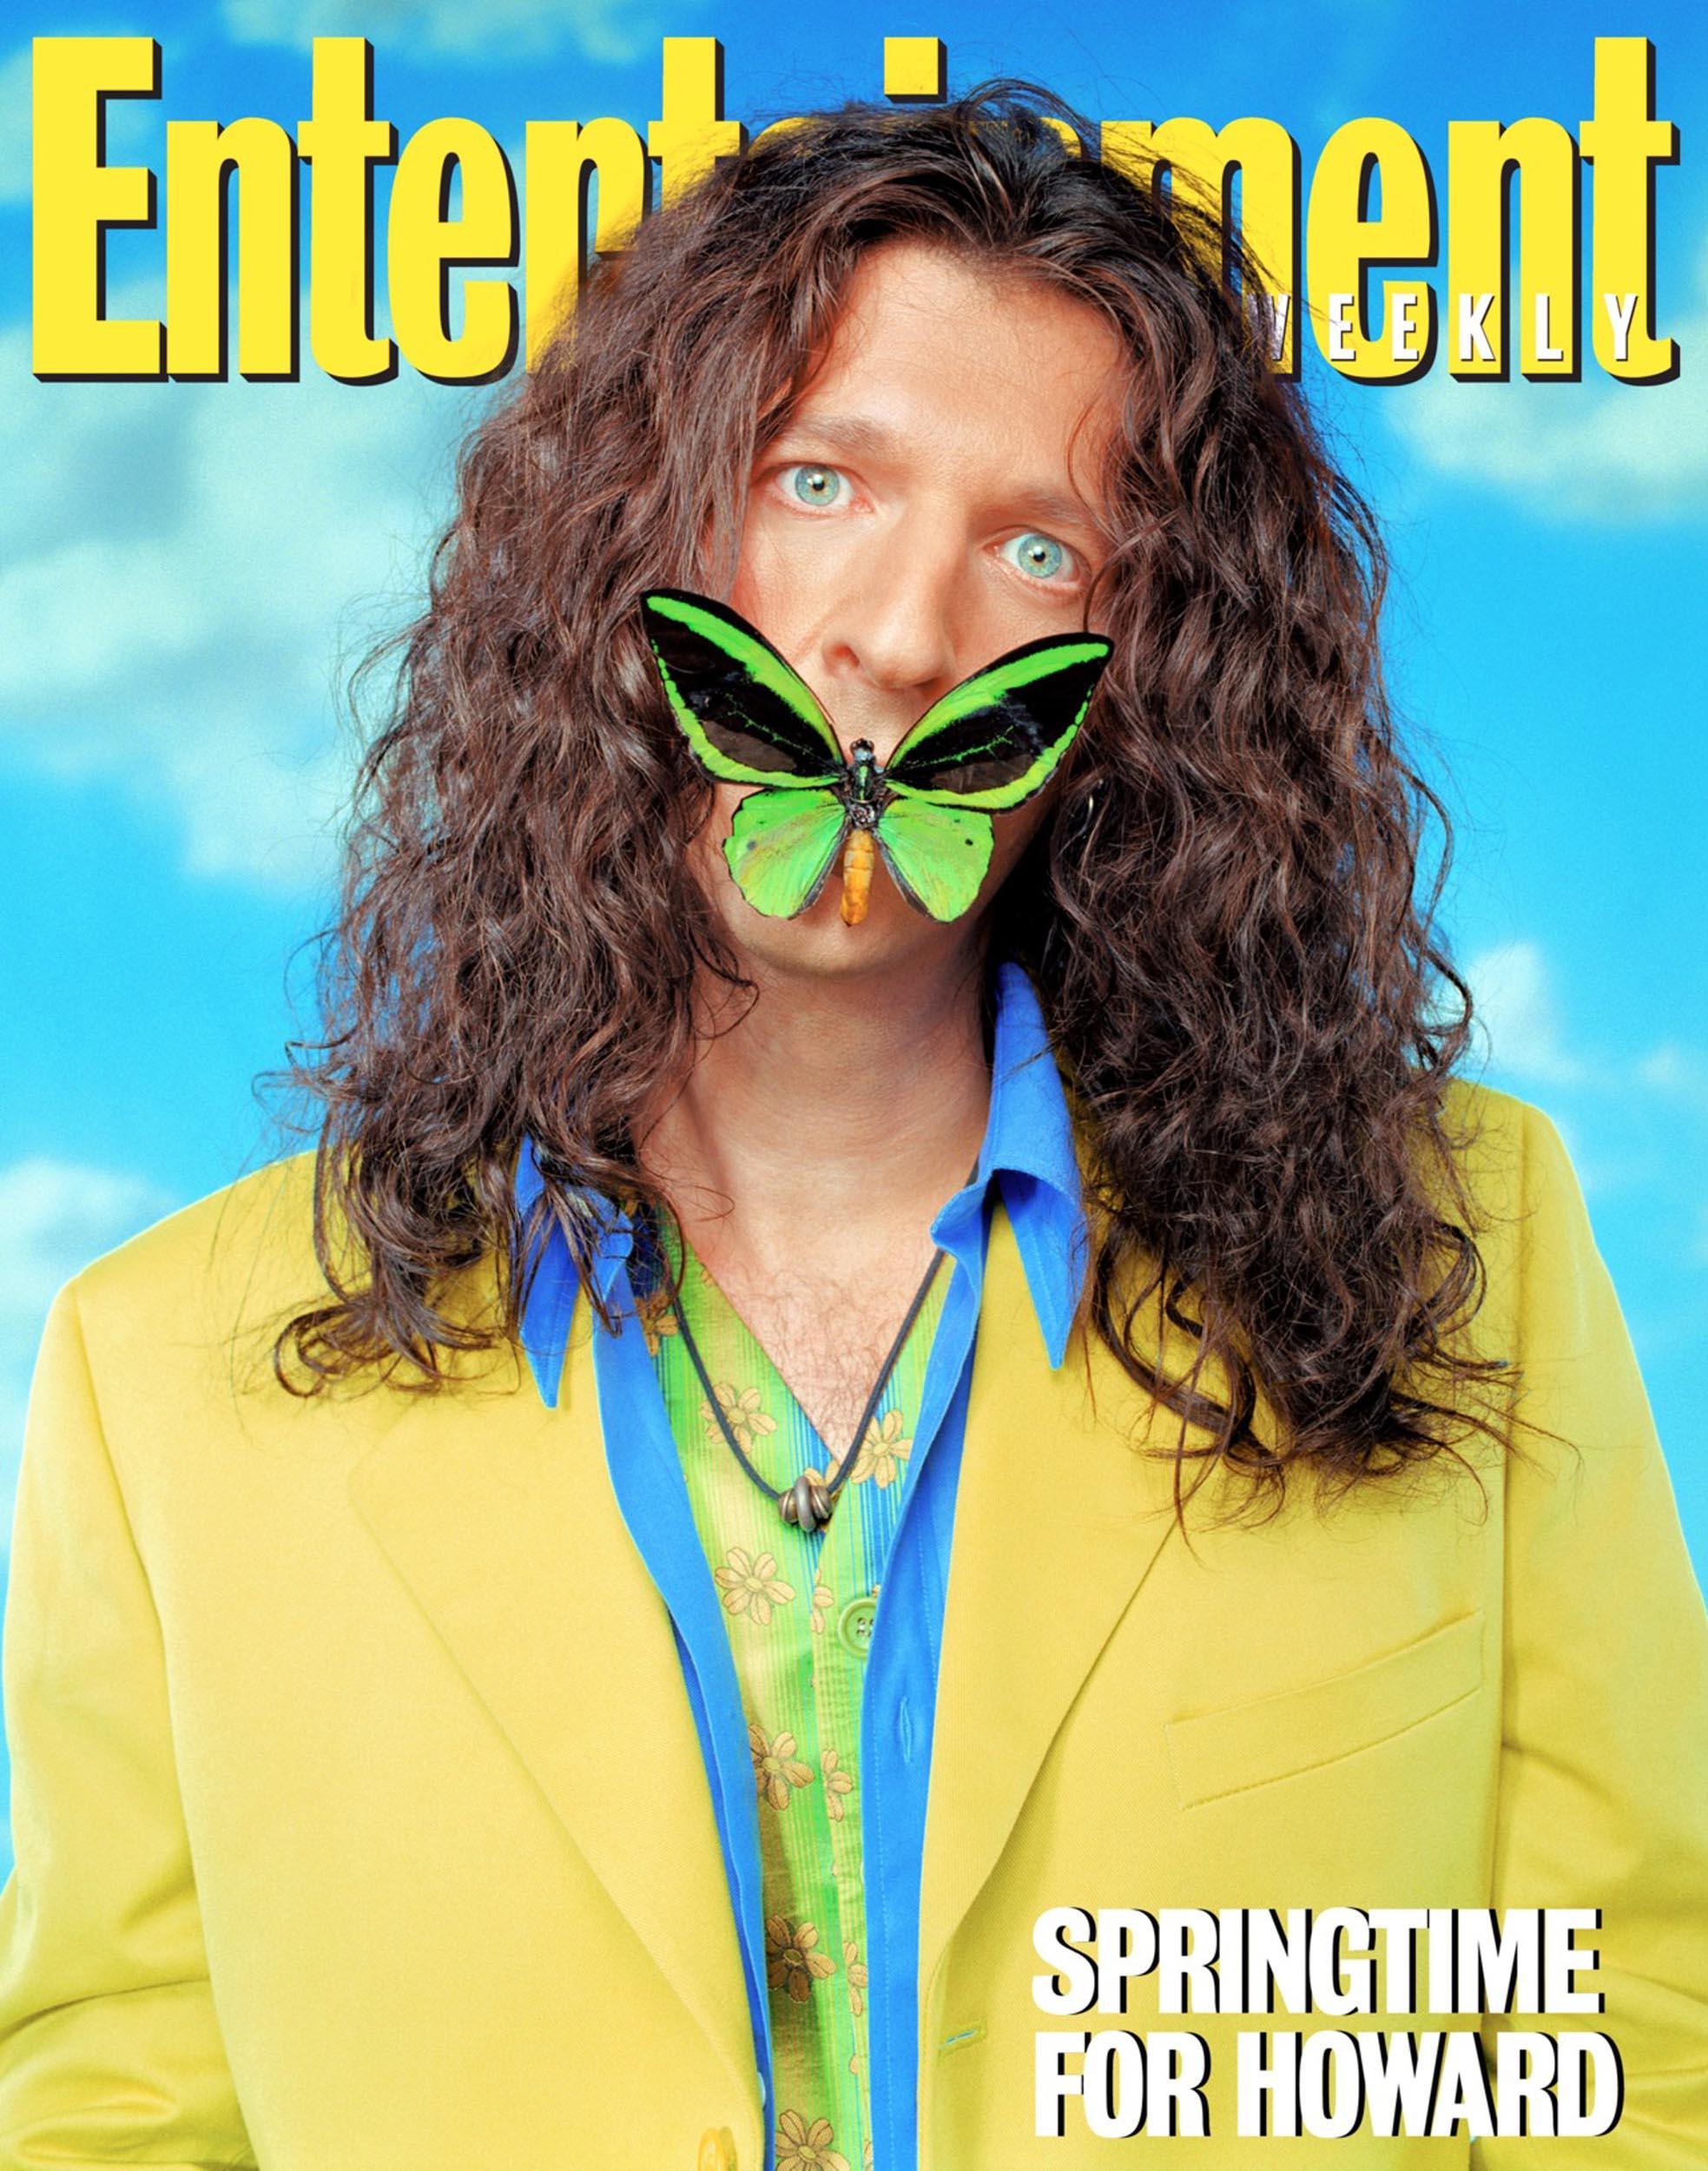 Entertainment Weekly – Howard Stern